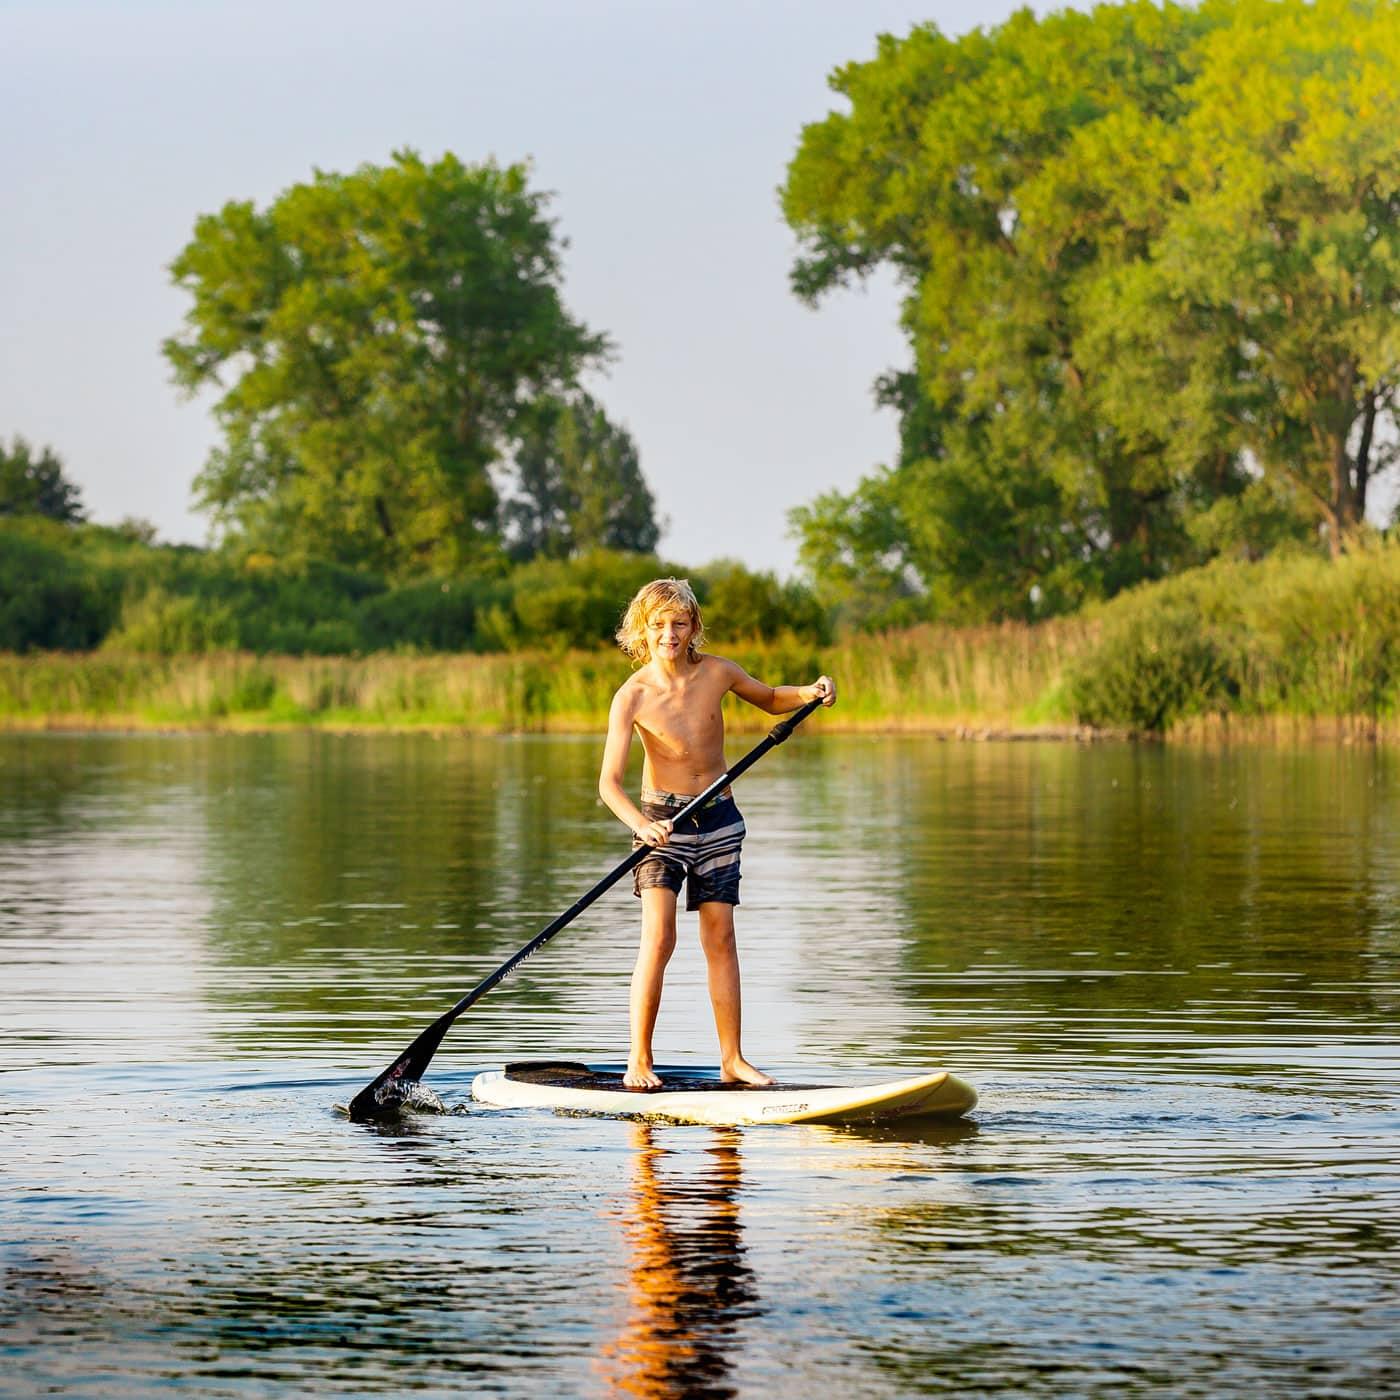 Familienurlaub an der Mecklenburgischen Seenplatte: Stand Up Paddling // HIMBEER